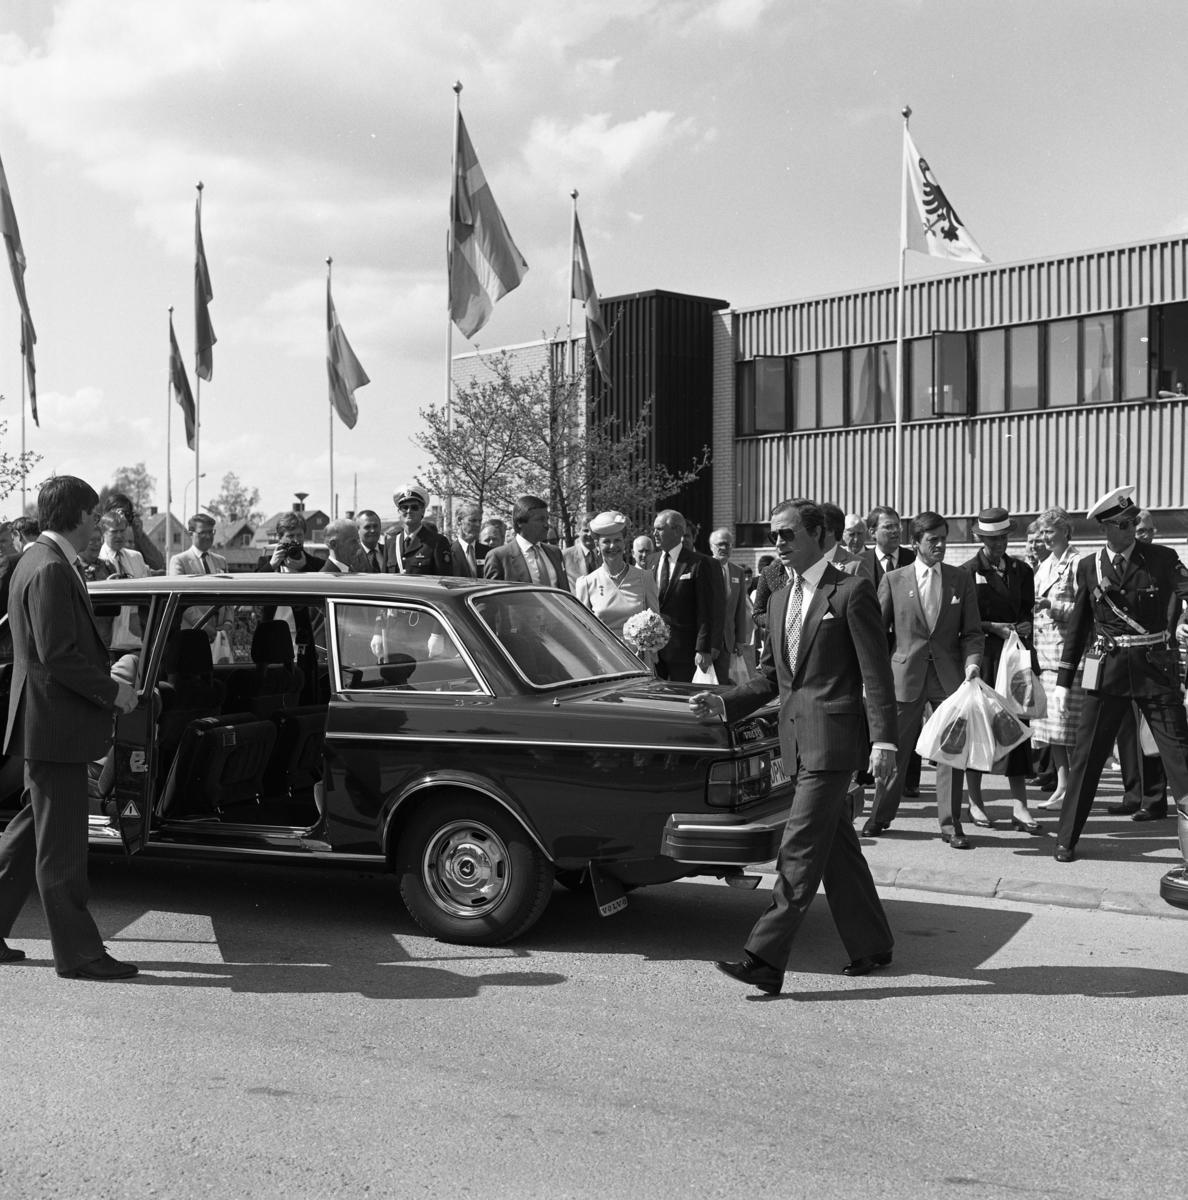 Riksdagsjubileet 1985. Lunchen är avslutad och kungaparet kliver in i bilen. Bertil Karlsson står vid passagerardörren (på bortre sidan). Polismannen, på andra sidan bilen, kan vara Georg Widén. 550-årsminnet av Sveriges första riksdag firas i Arboga. Många höga politiker, och utländska gäster, besöker Arboga denna dag.